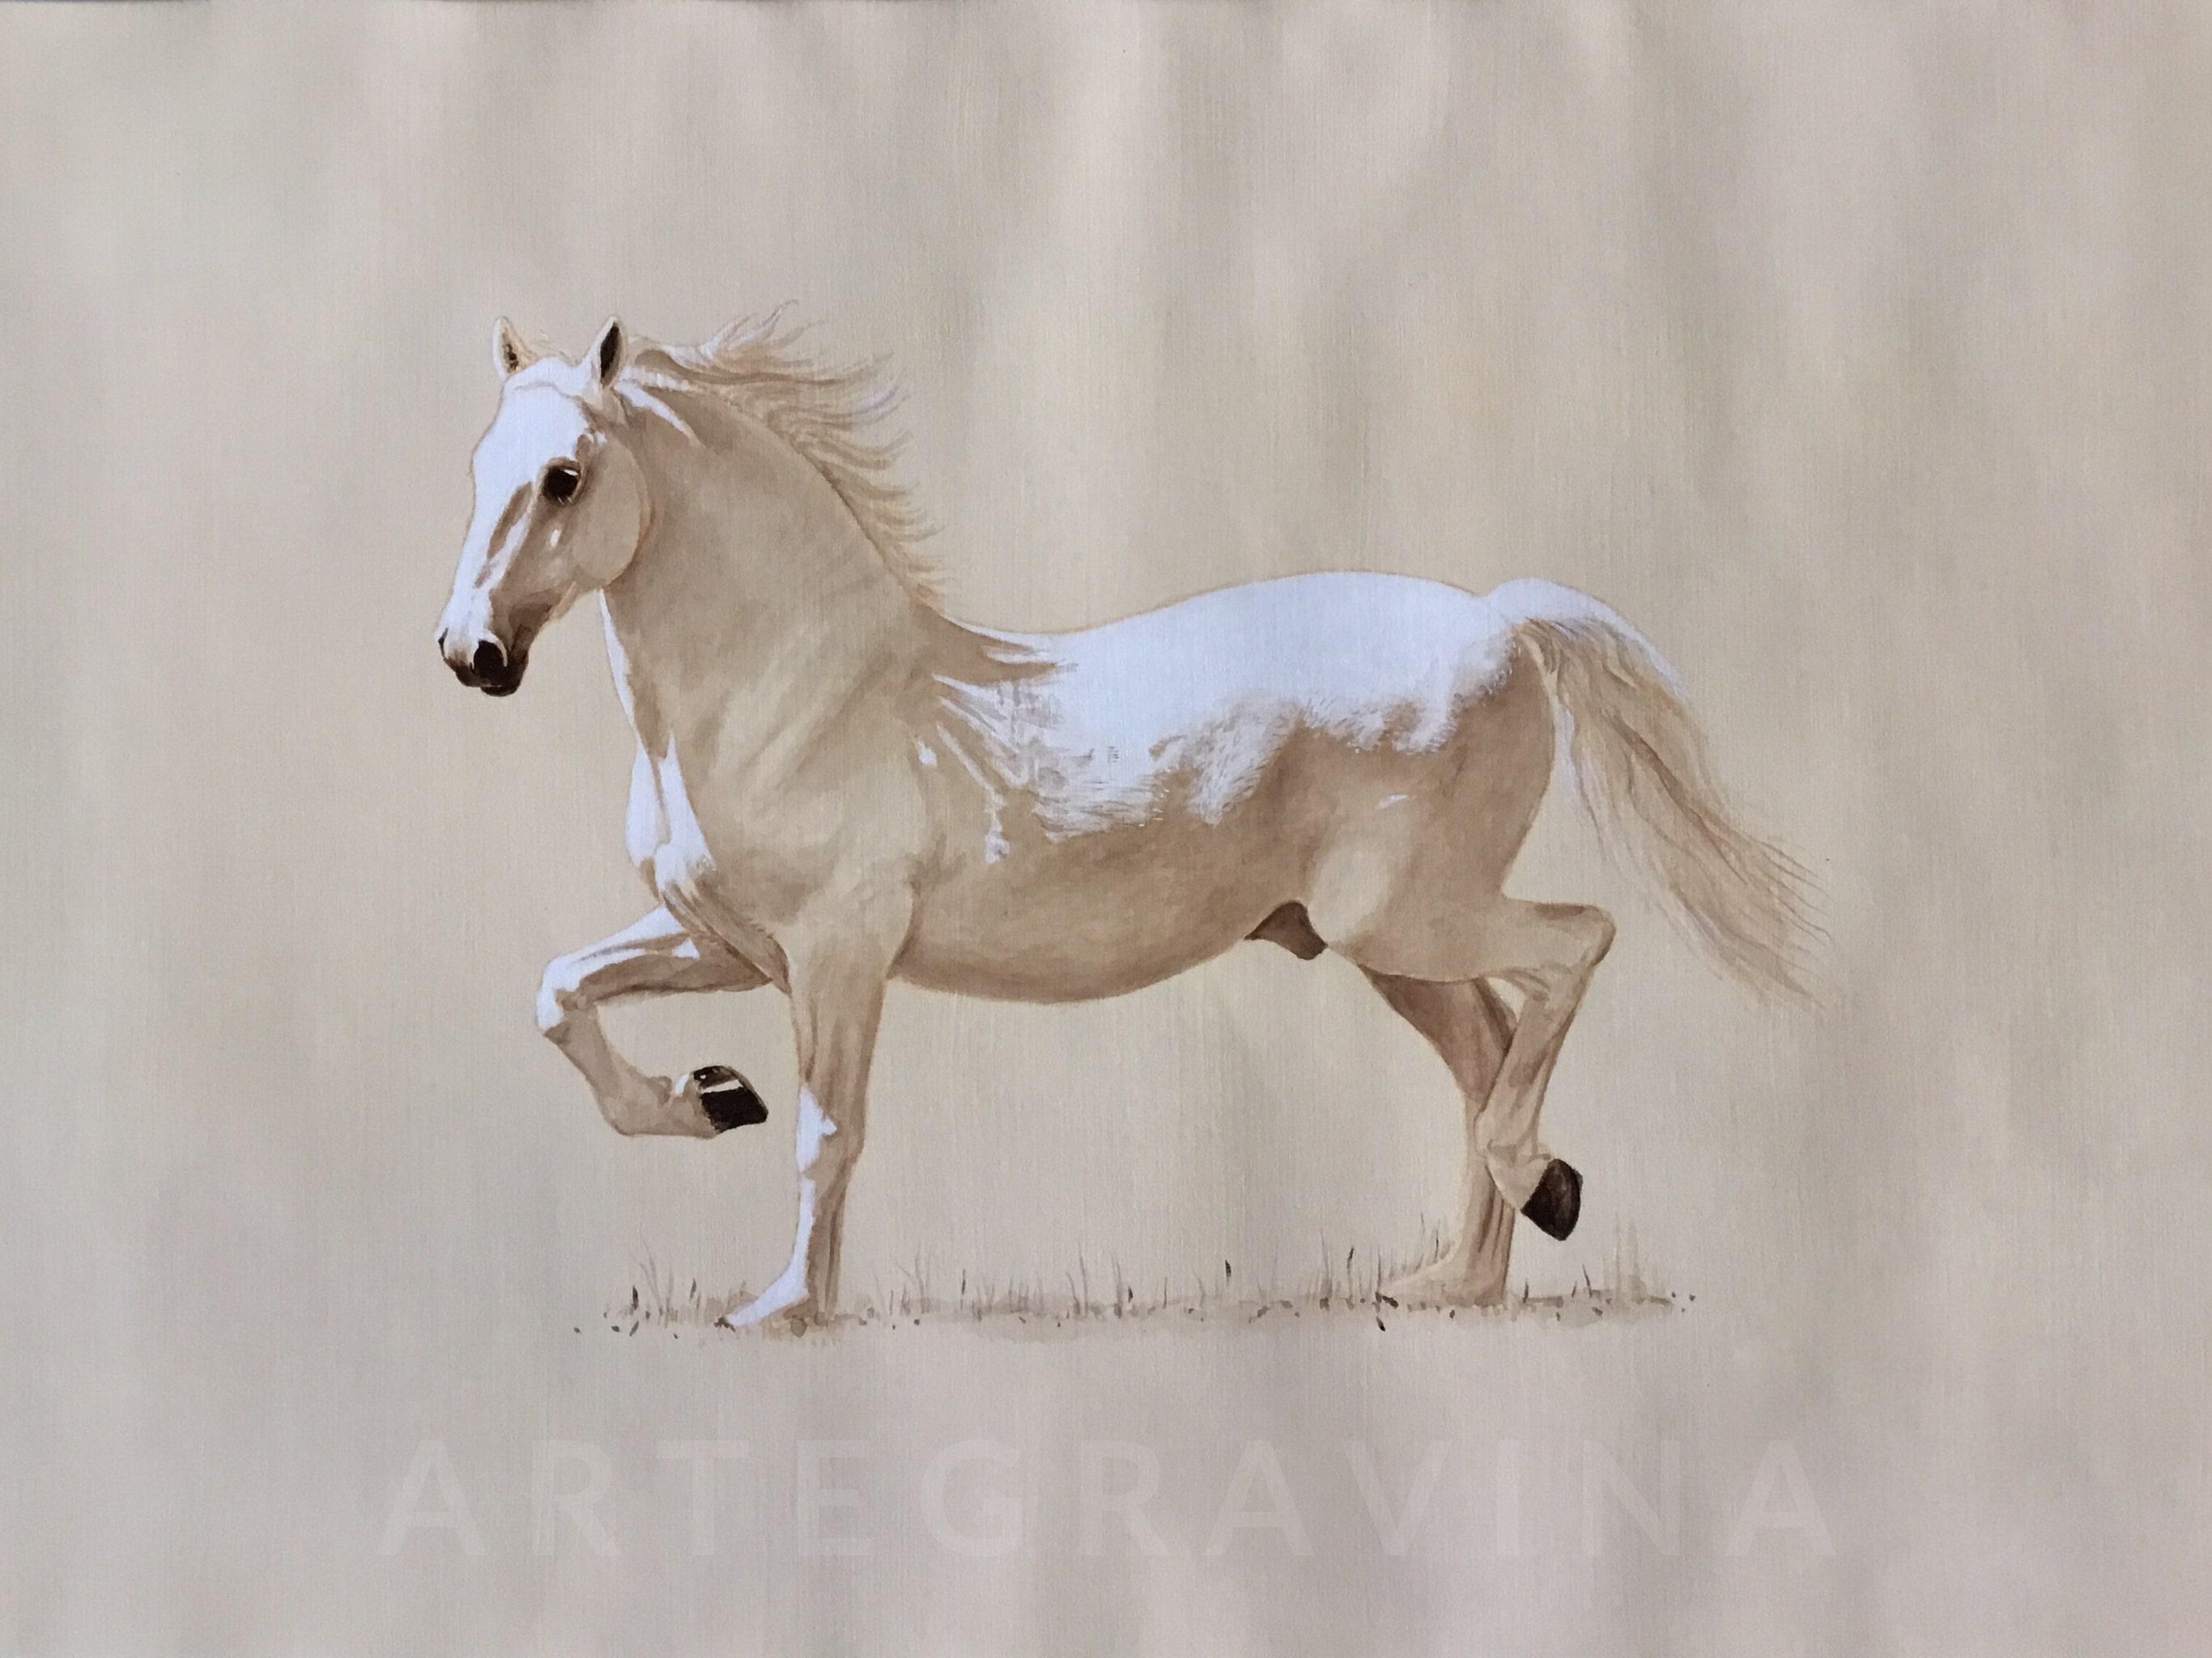 Cavallo 2 – Pferd 2